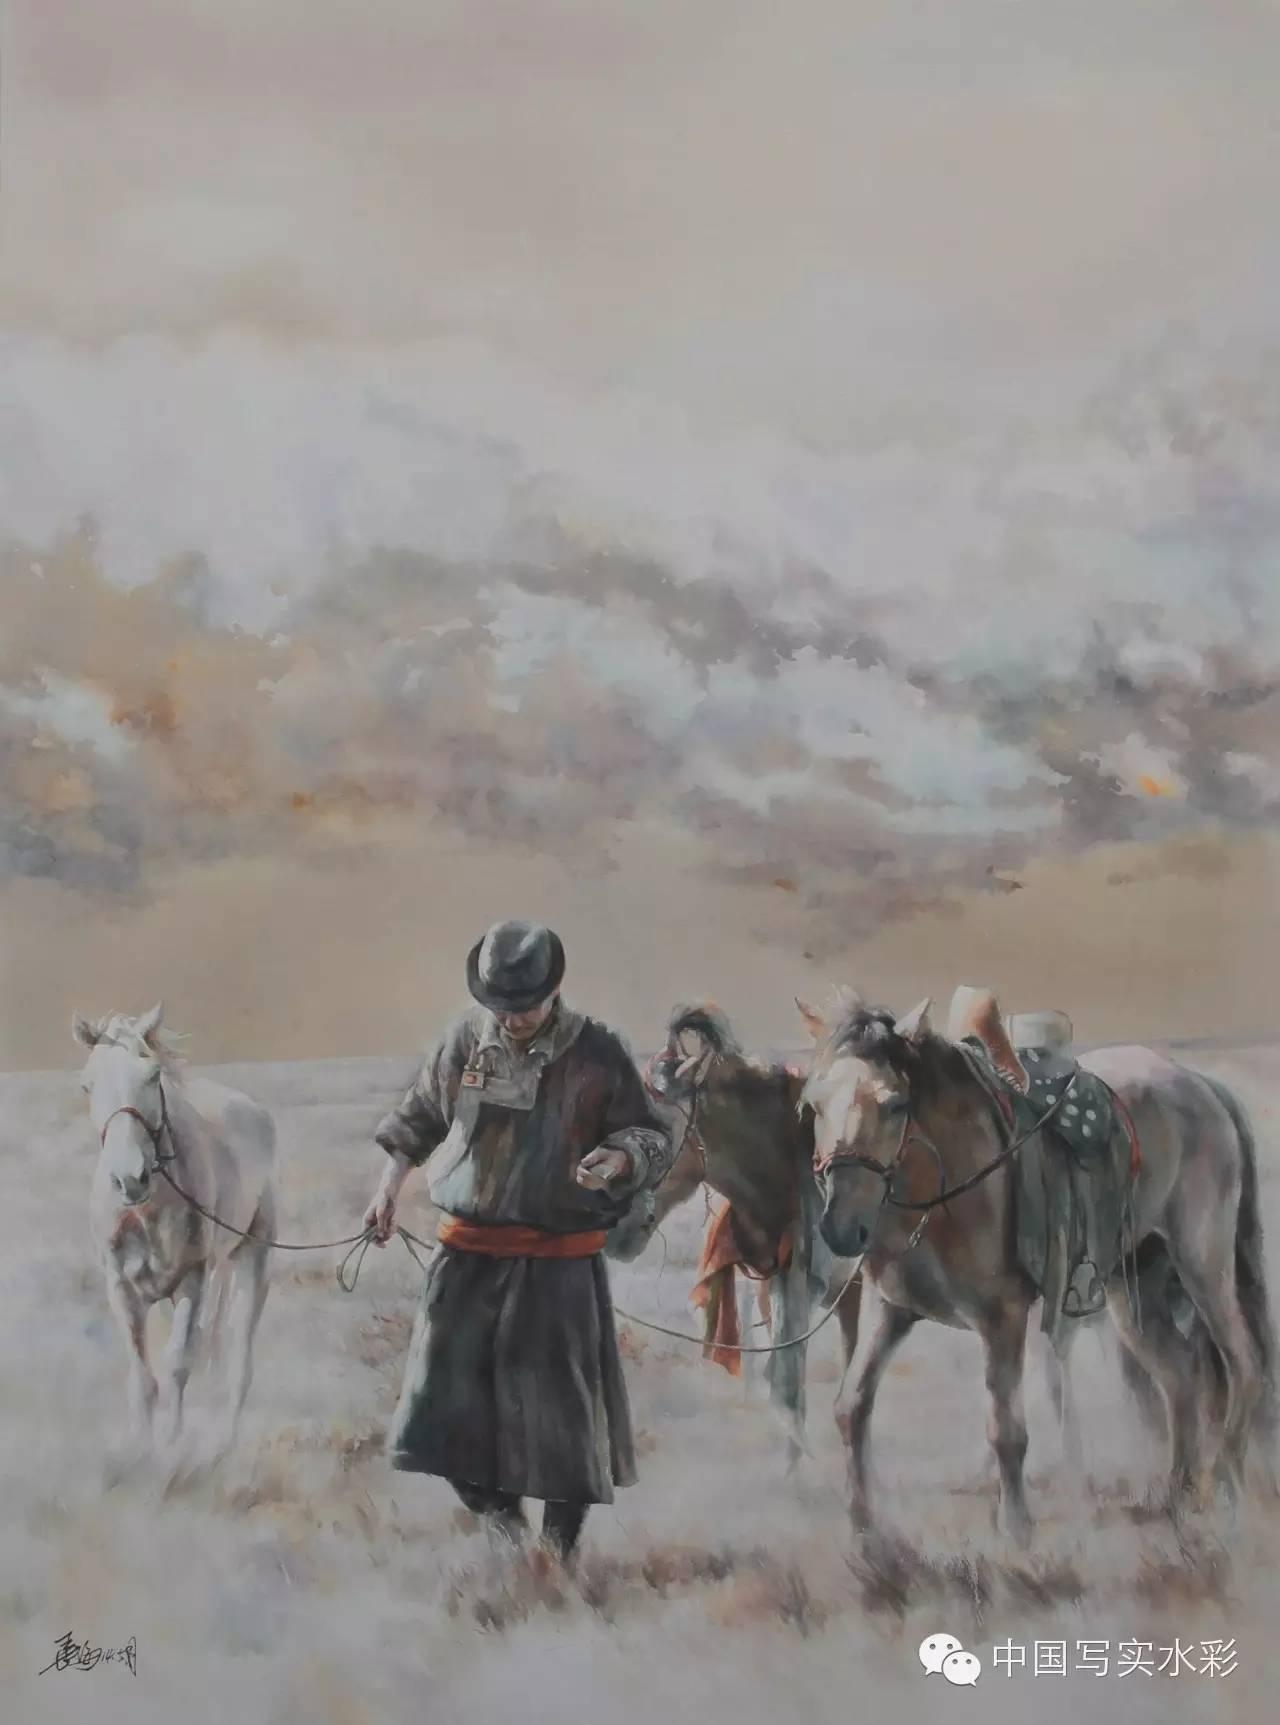 中国写实水彩第一回展——参展画家长海作品欣赏 第2张